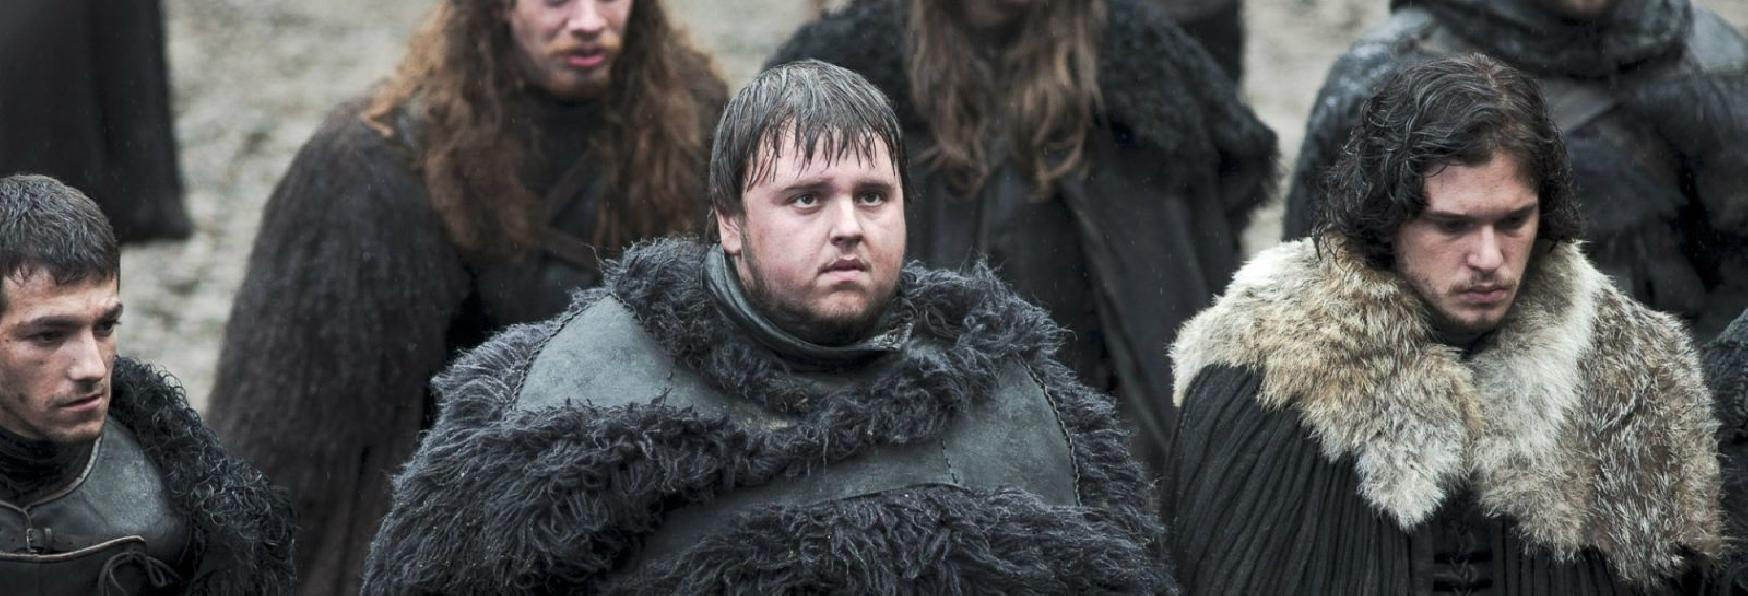 Game of Thrones: una Performance speciale al posto del Cambio di Guardia a Londra